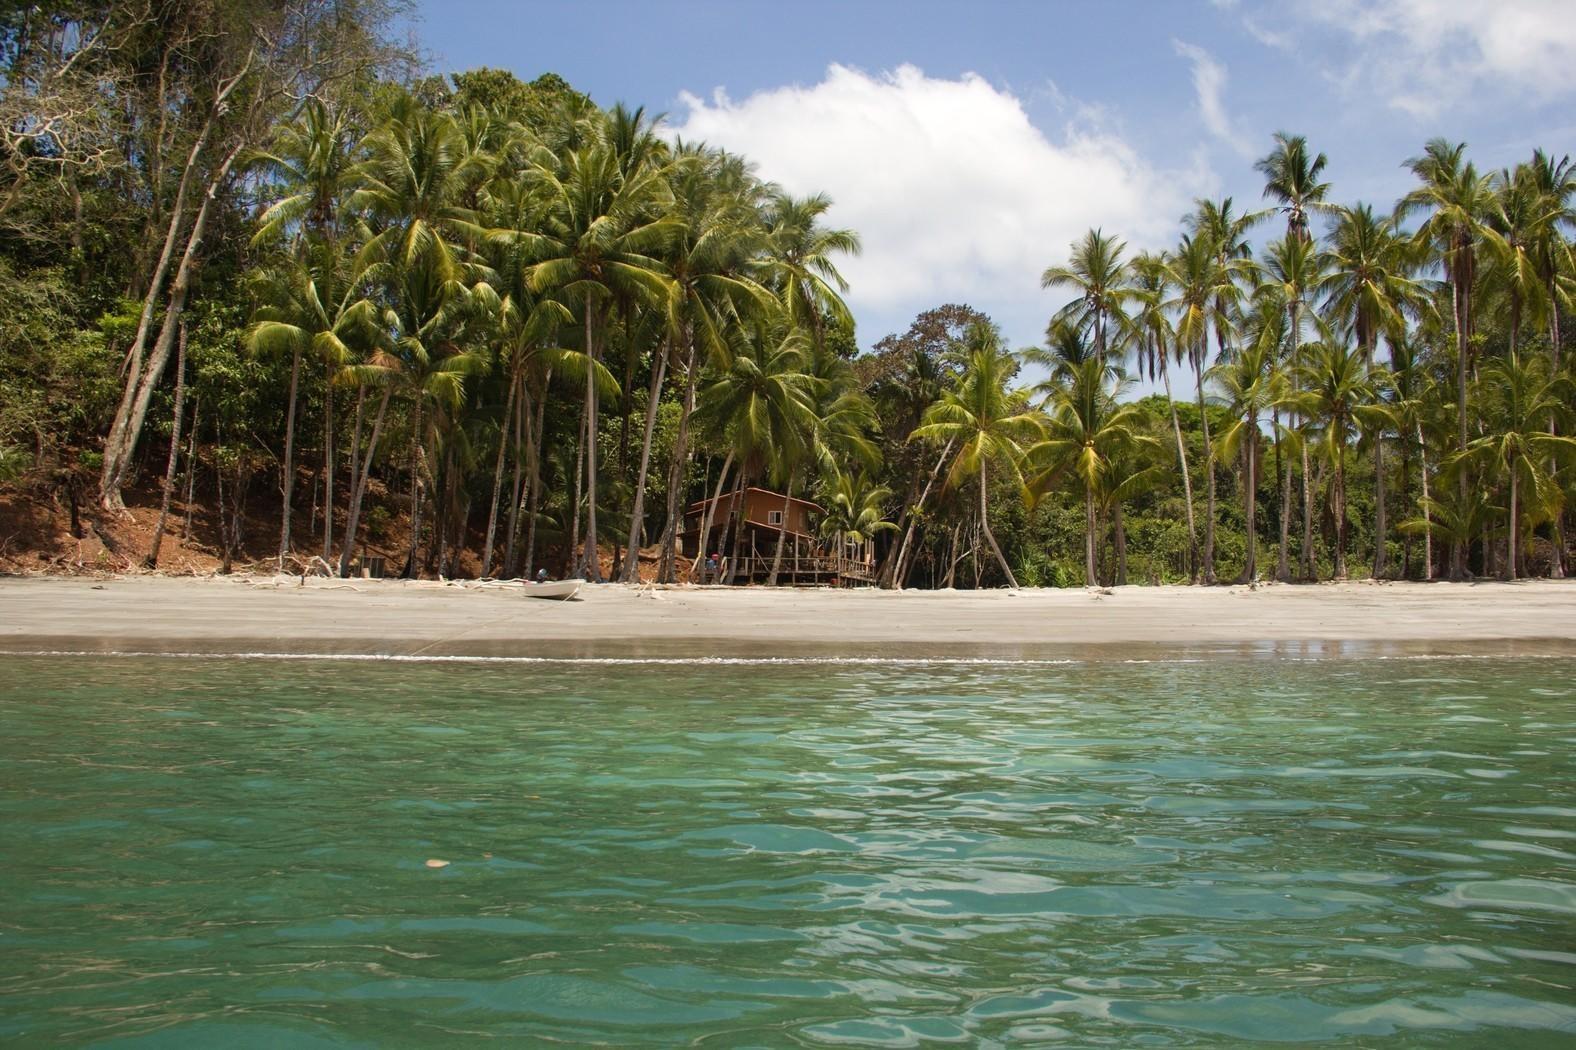 Islas Parida in Chiriqui National Park